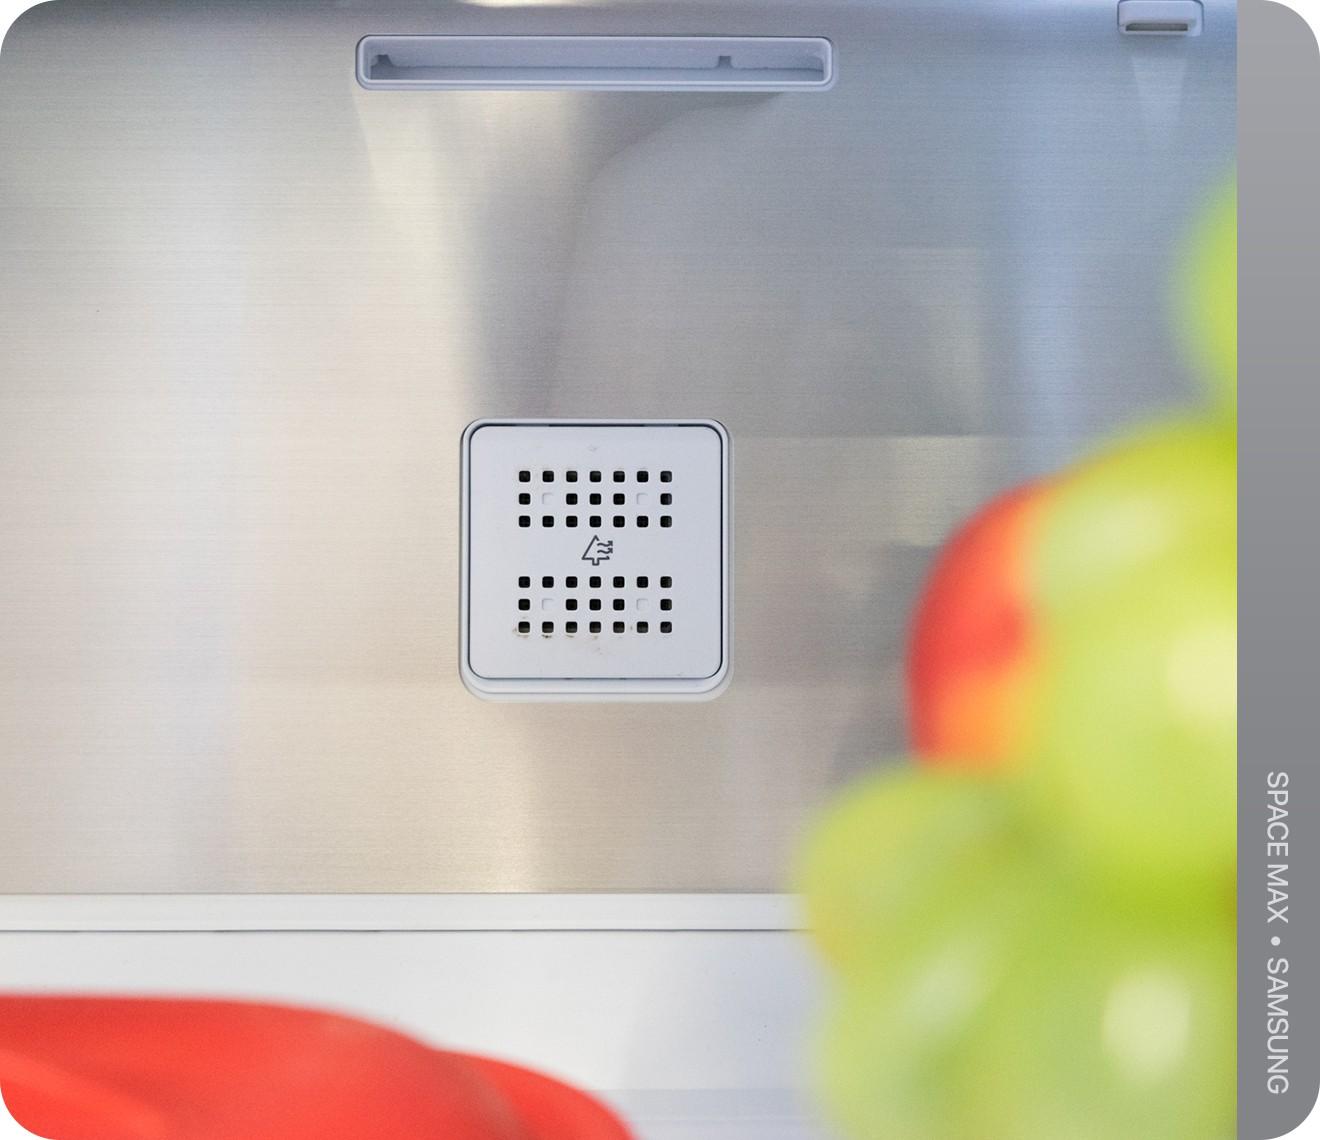 Chiếc tủ lạnh mới của Samsung đã giải quyết trọn vẹn nhu cầu của người dùng như thế nào - Ảnh 11.